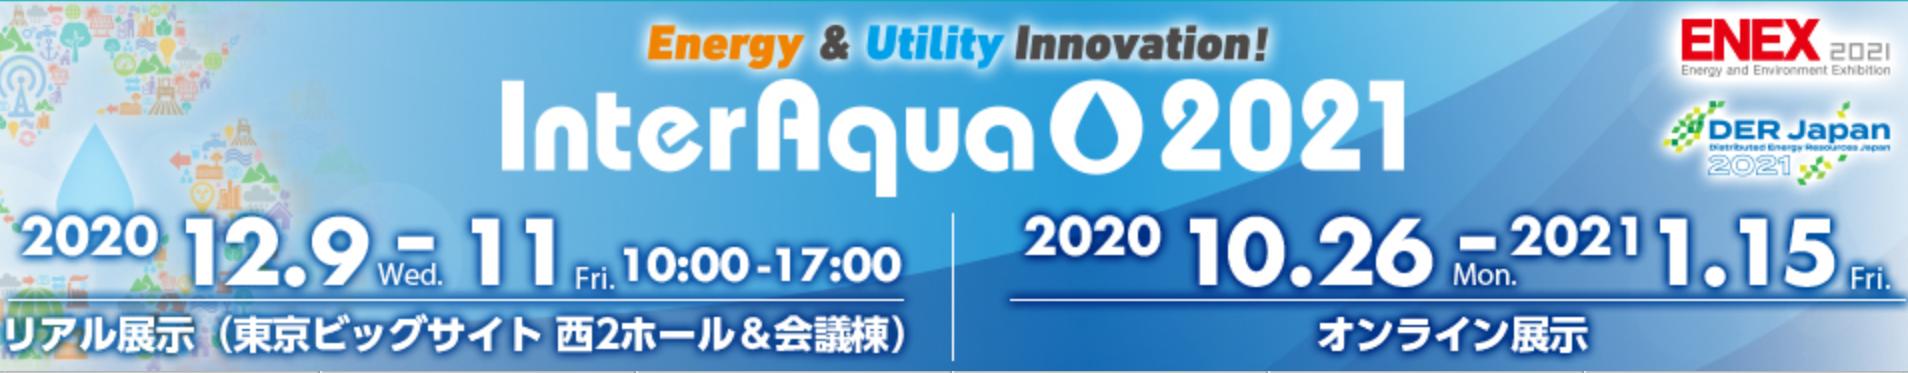 InterAqua 2021 に出展いたします